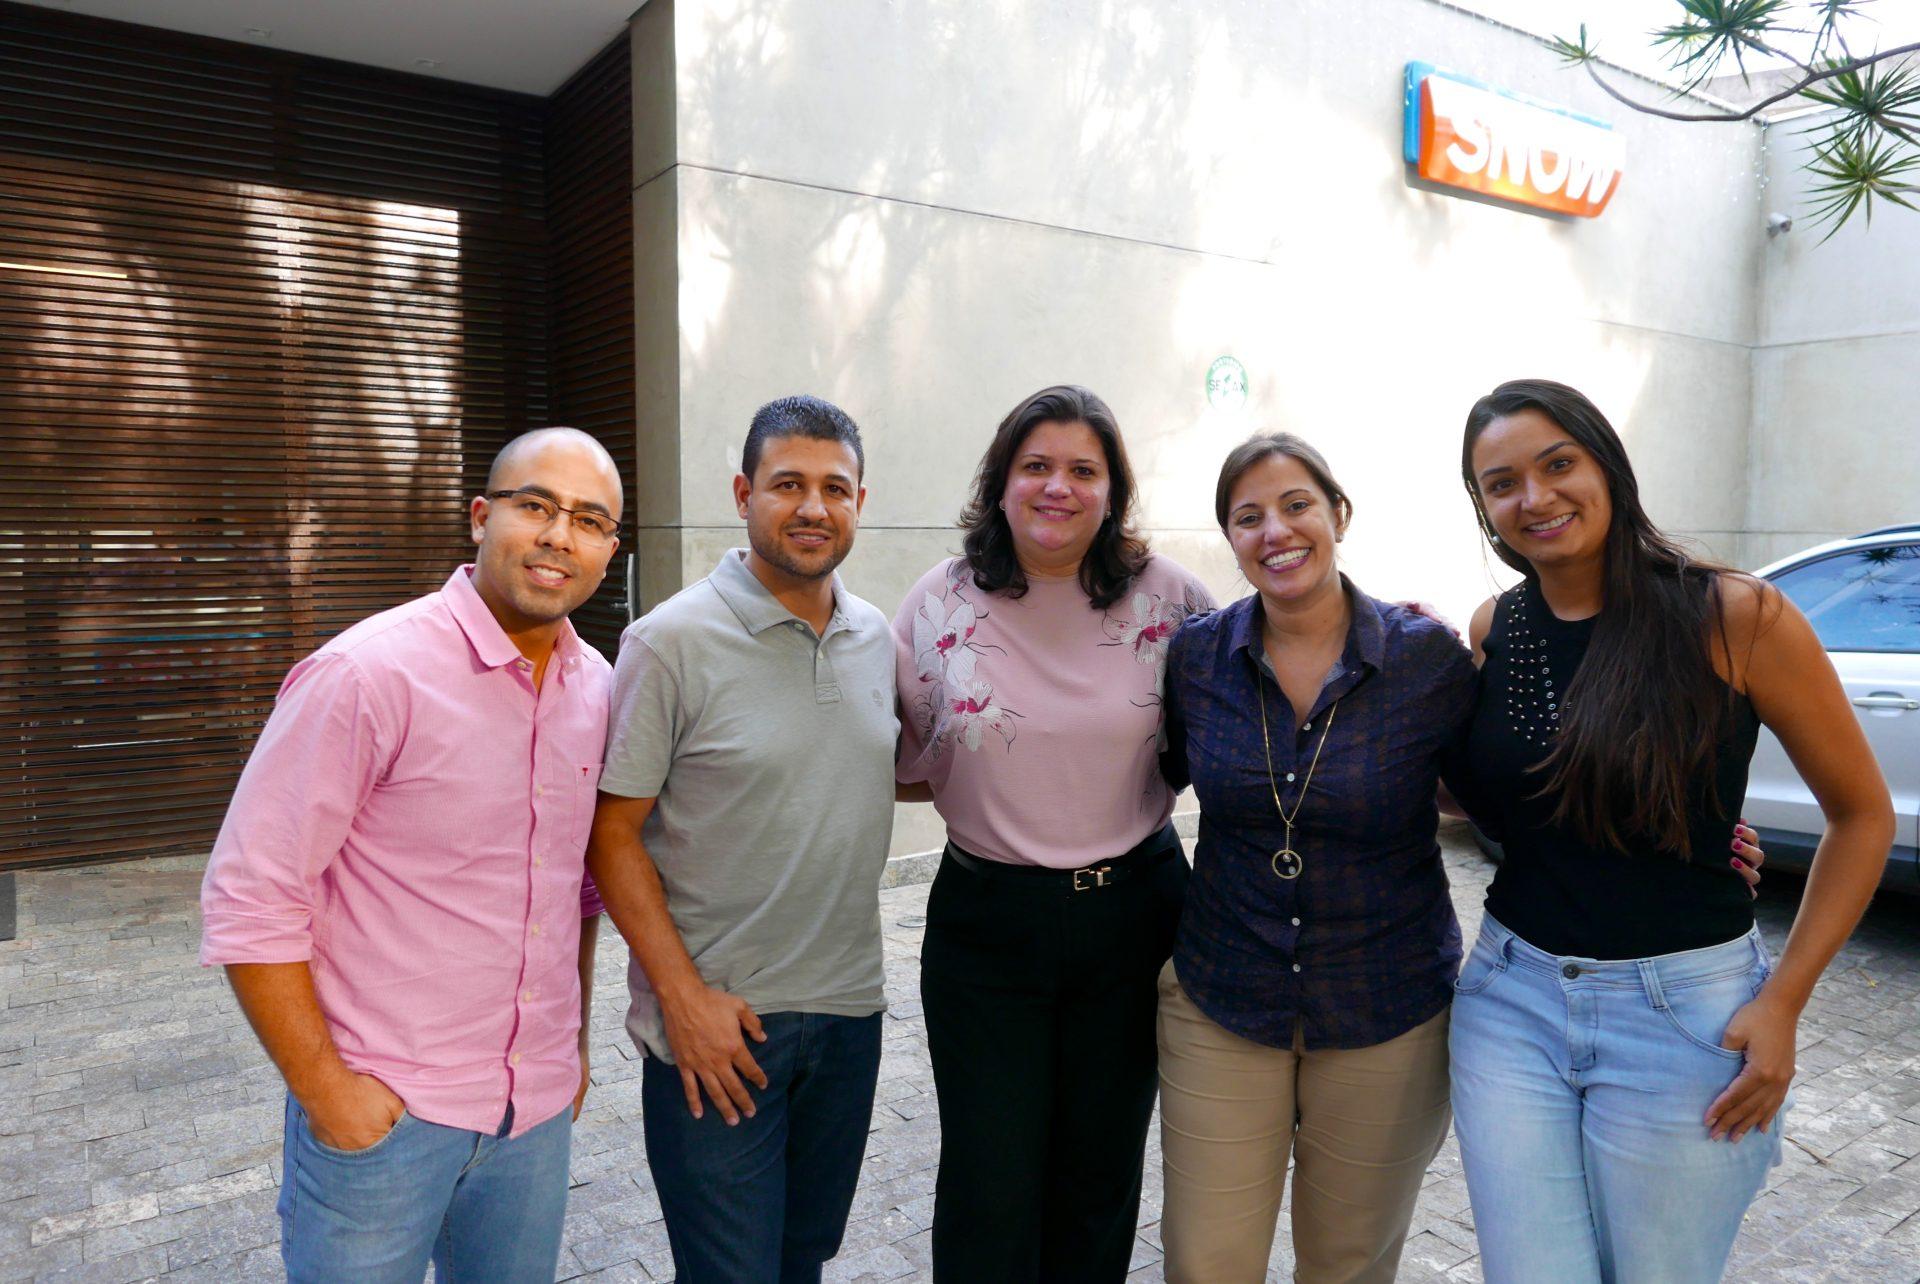 Felipe Dias e Paulo Medina, da Snow; Marisa Zamboni, Camila Tenreiro e Mayara Costa, especialista no segmento Lua de Mel & Casamento, da operadora